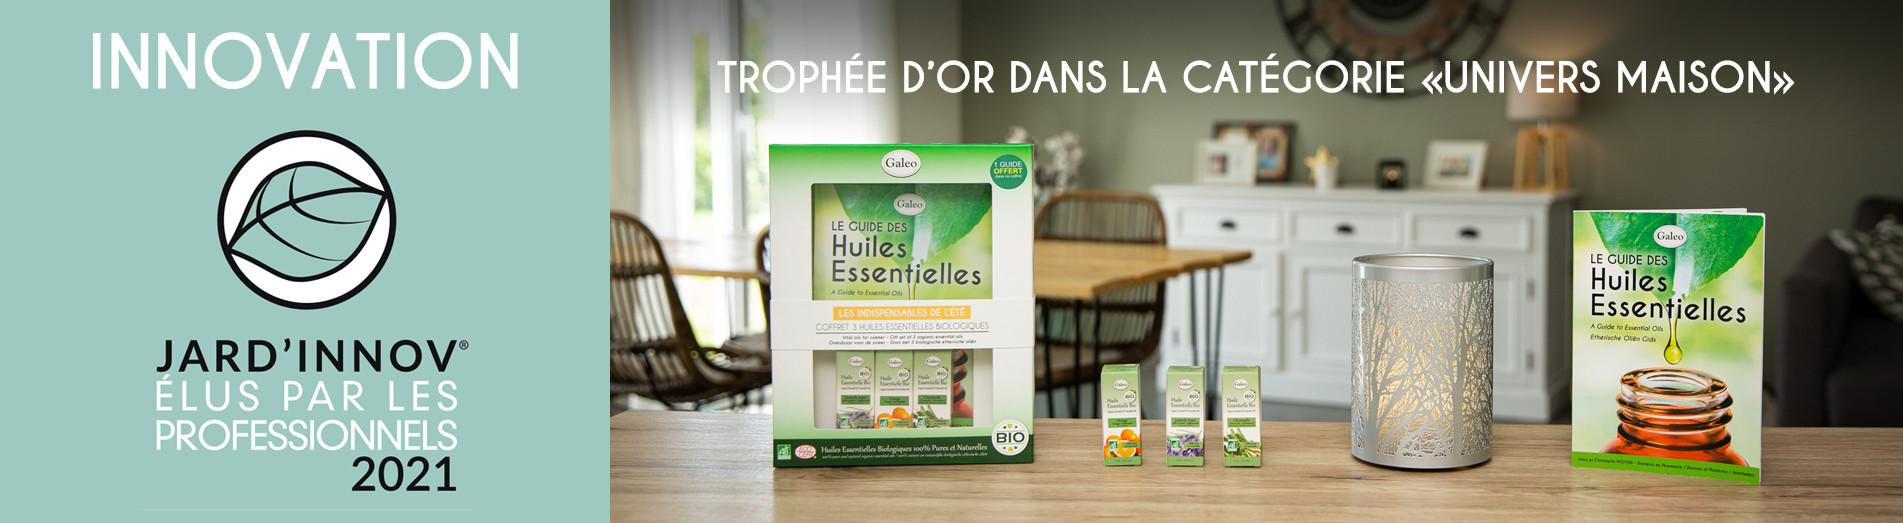 Trophée d'or Jard'innov